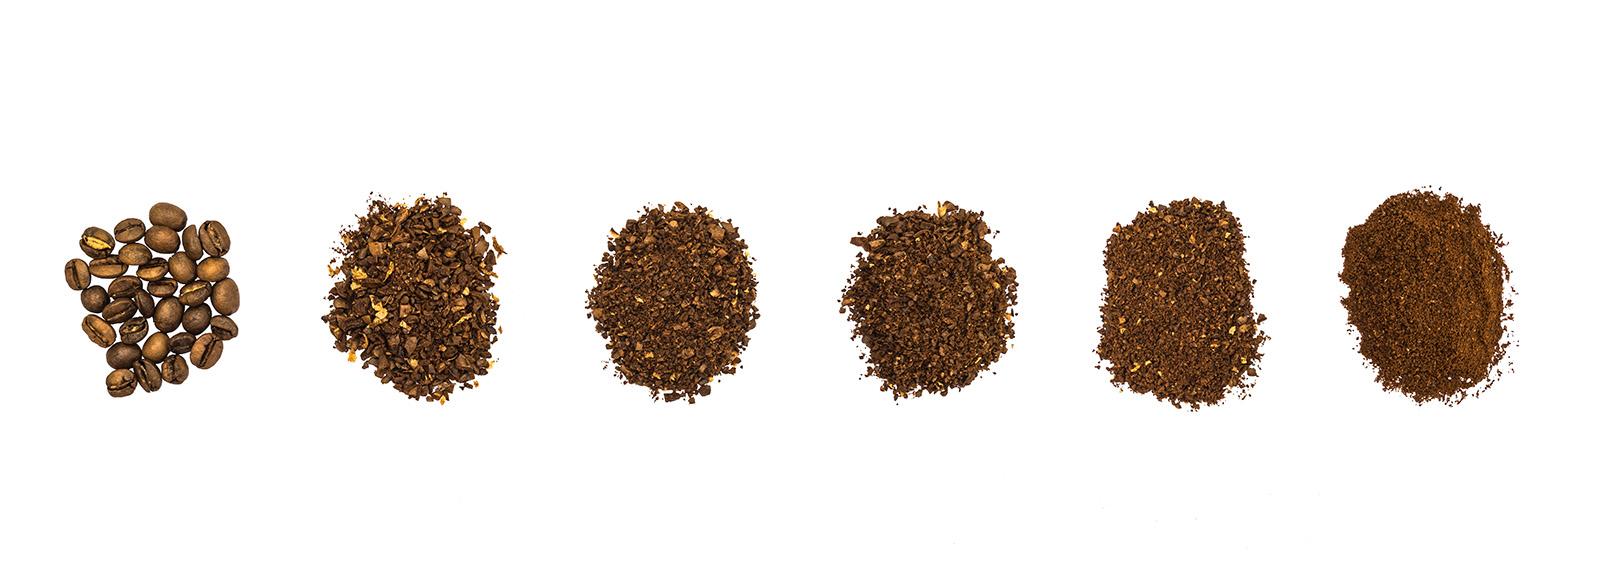 Kā sasmalcināt pupiņas, lai pagatavotu kafiju dažādos veidos?